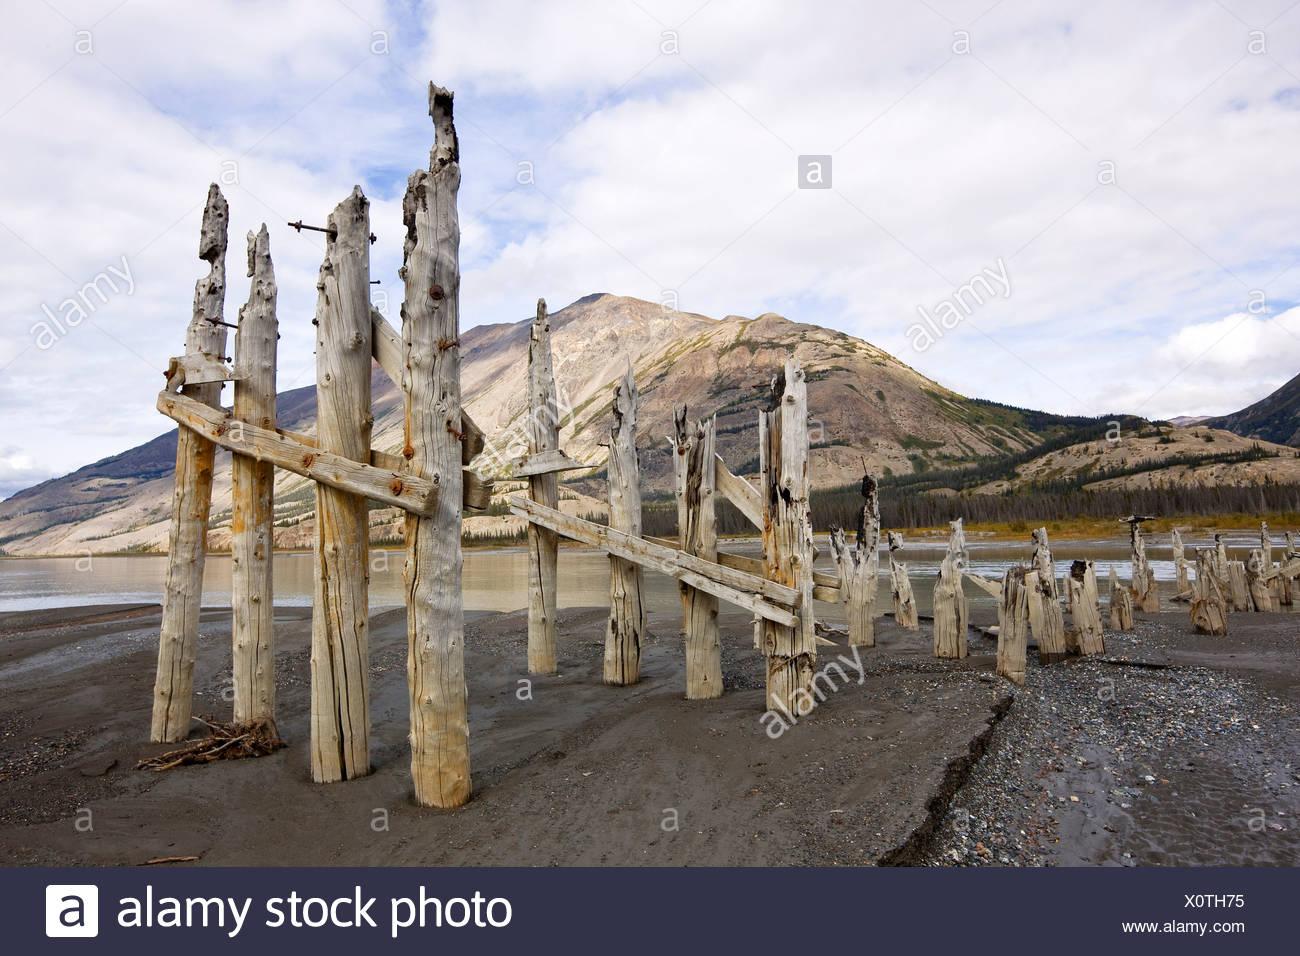 Pillings dall'originale snellisce River Bridge con pecora Mountain in background, Parco Nazionale Kluane, Yukon, Canada. Immagini Stock